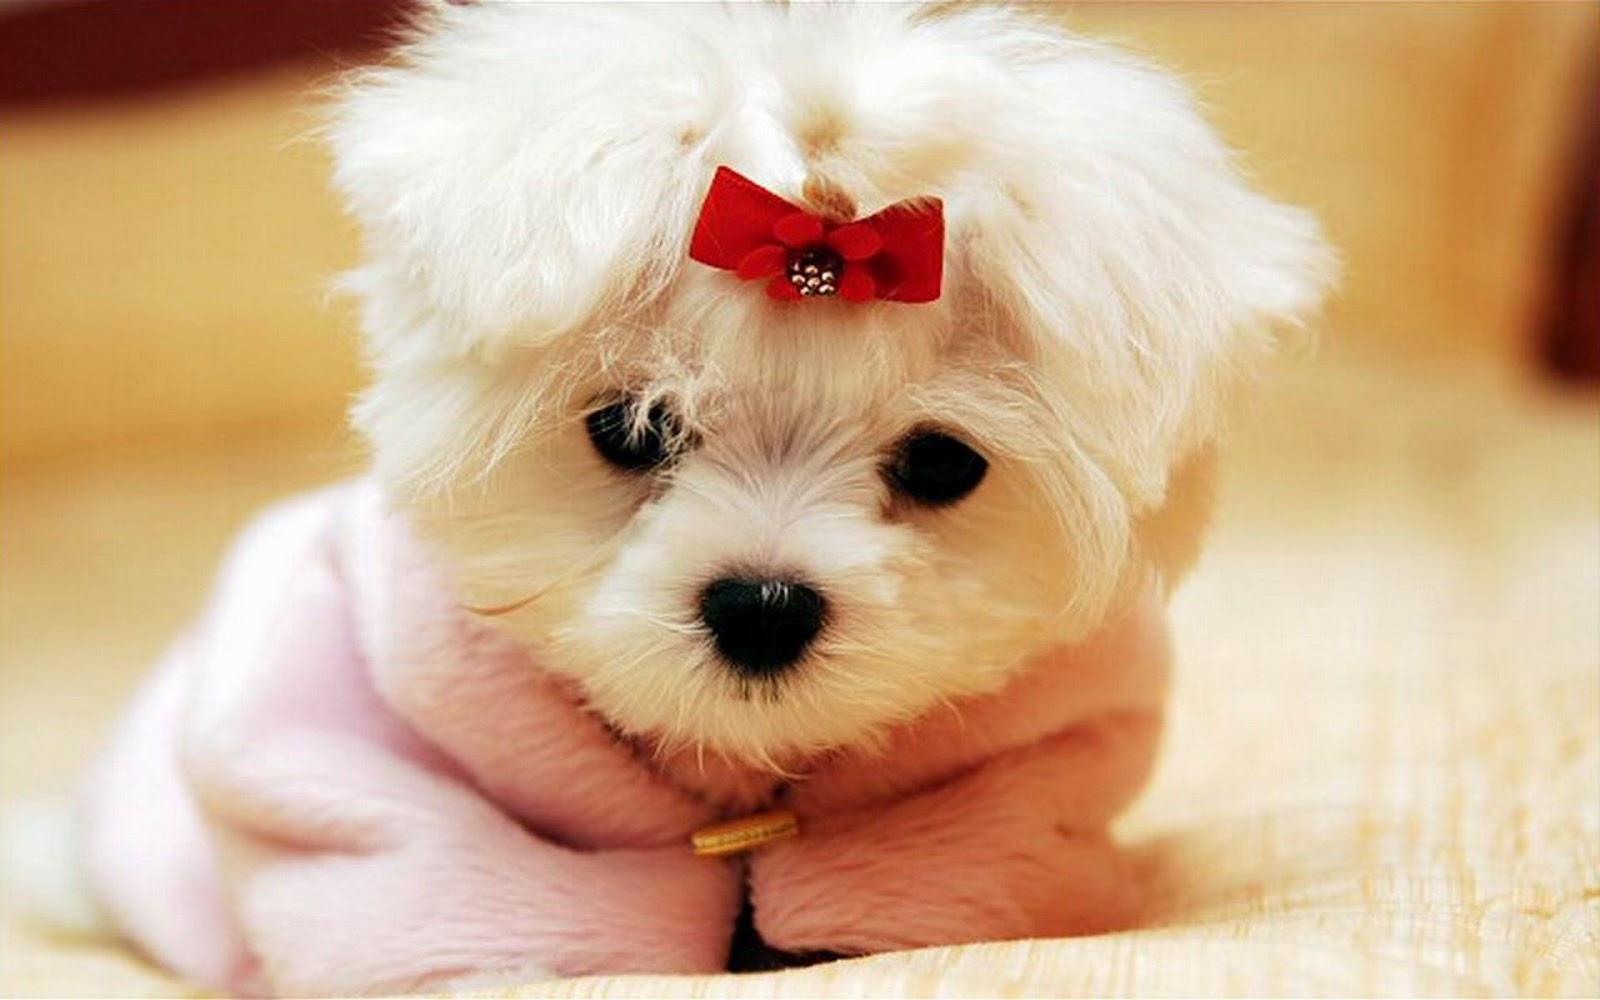 Thư viện đồ họa » Hình ảnh » Hình ảnh Động vật » Hình ảnh chó con dễ thương ngộ nghĩnh nhất